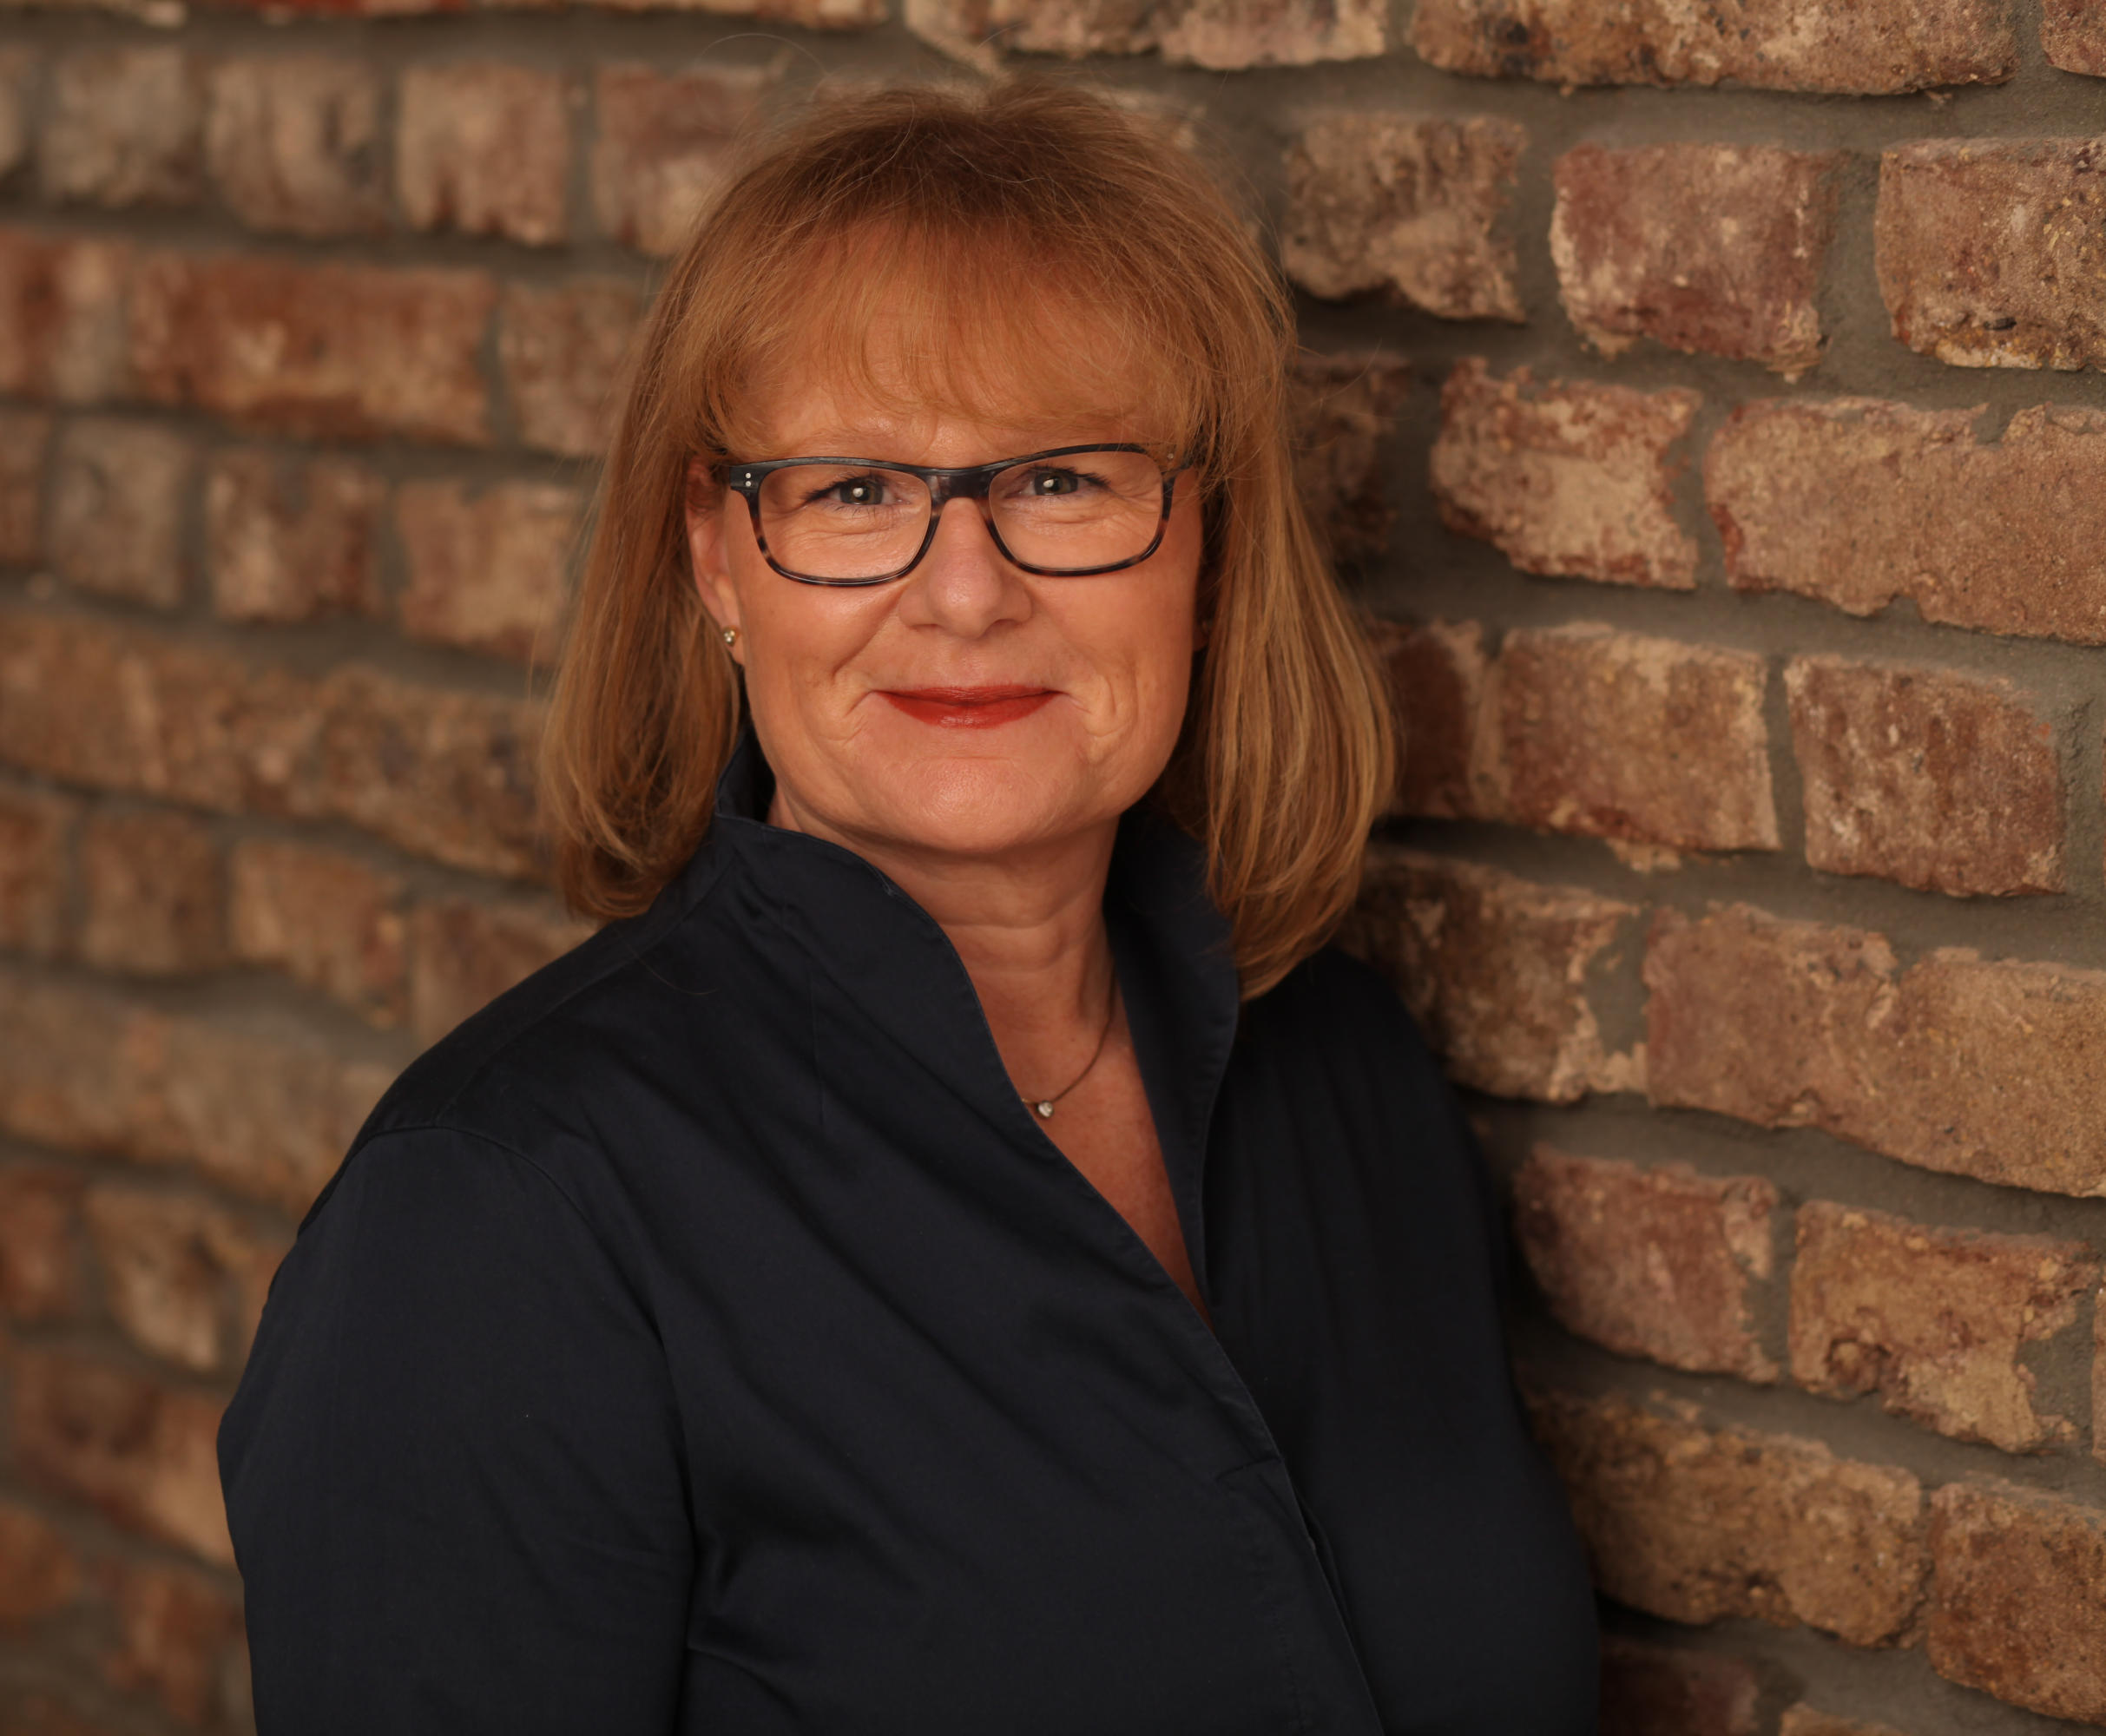 Sabine Gorka Porträt